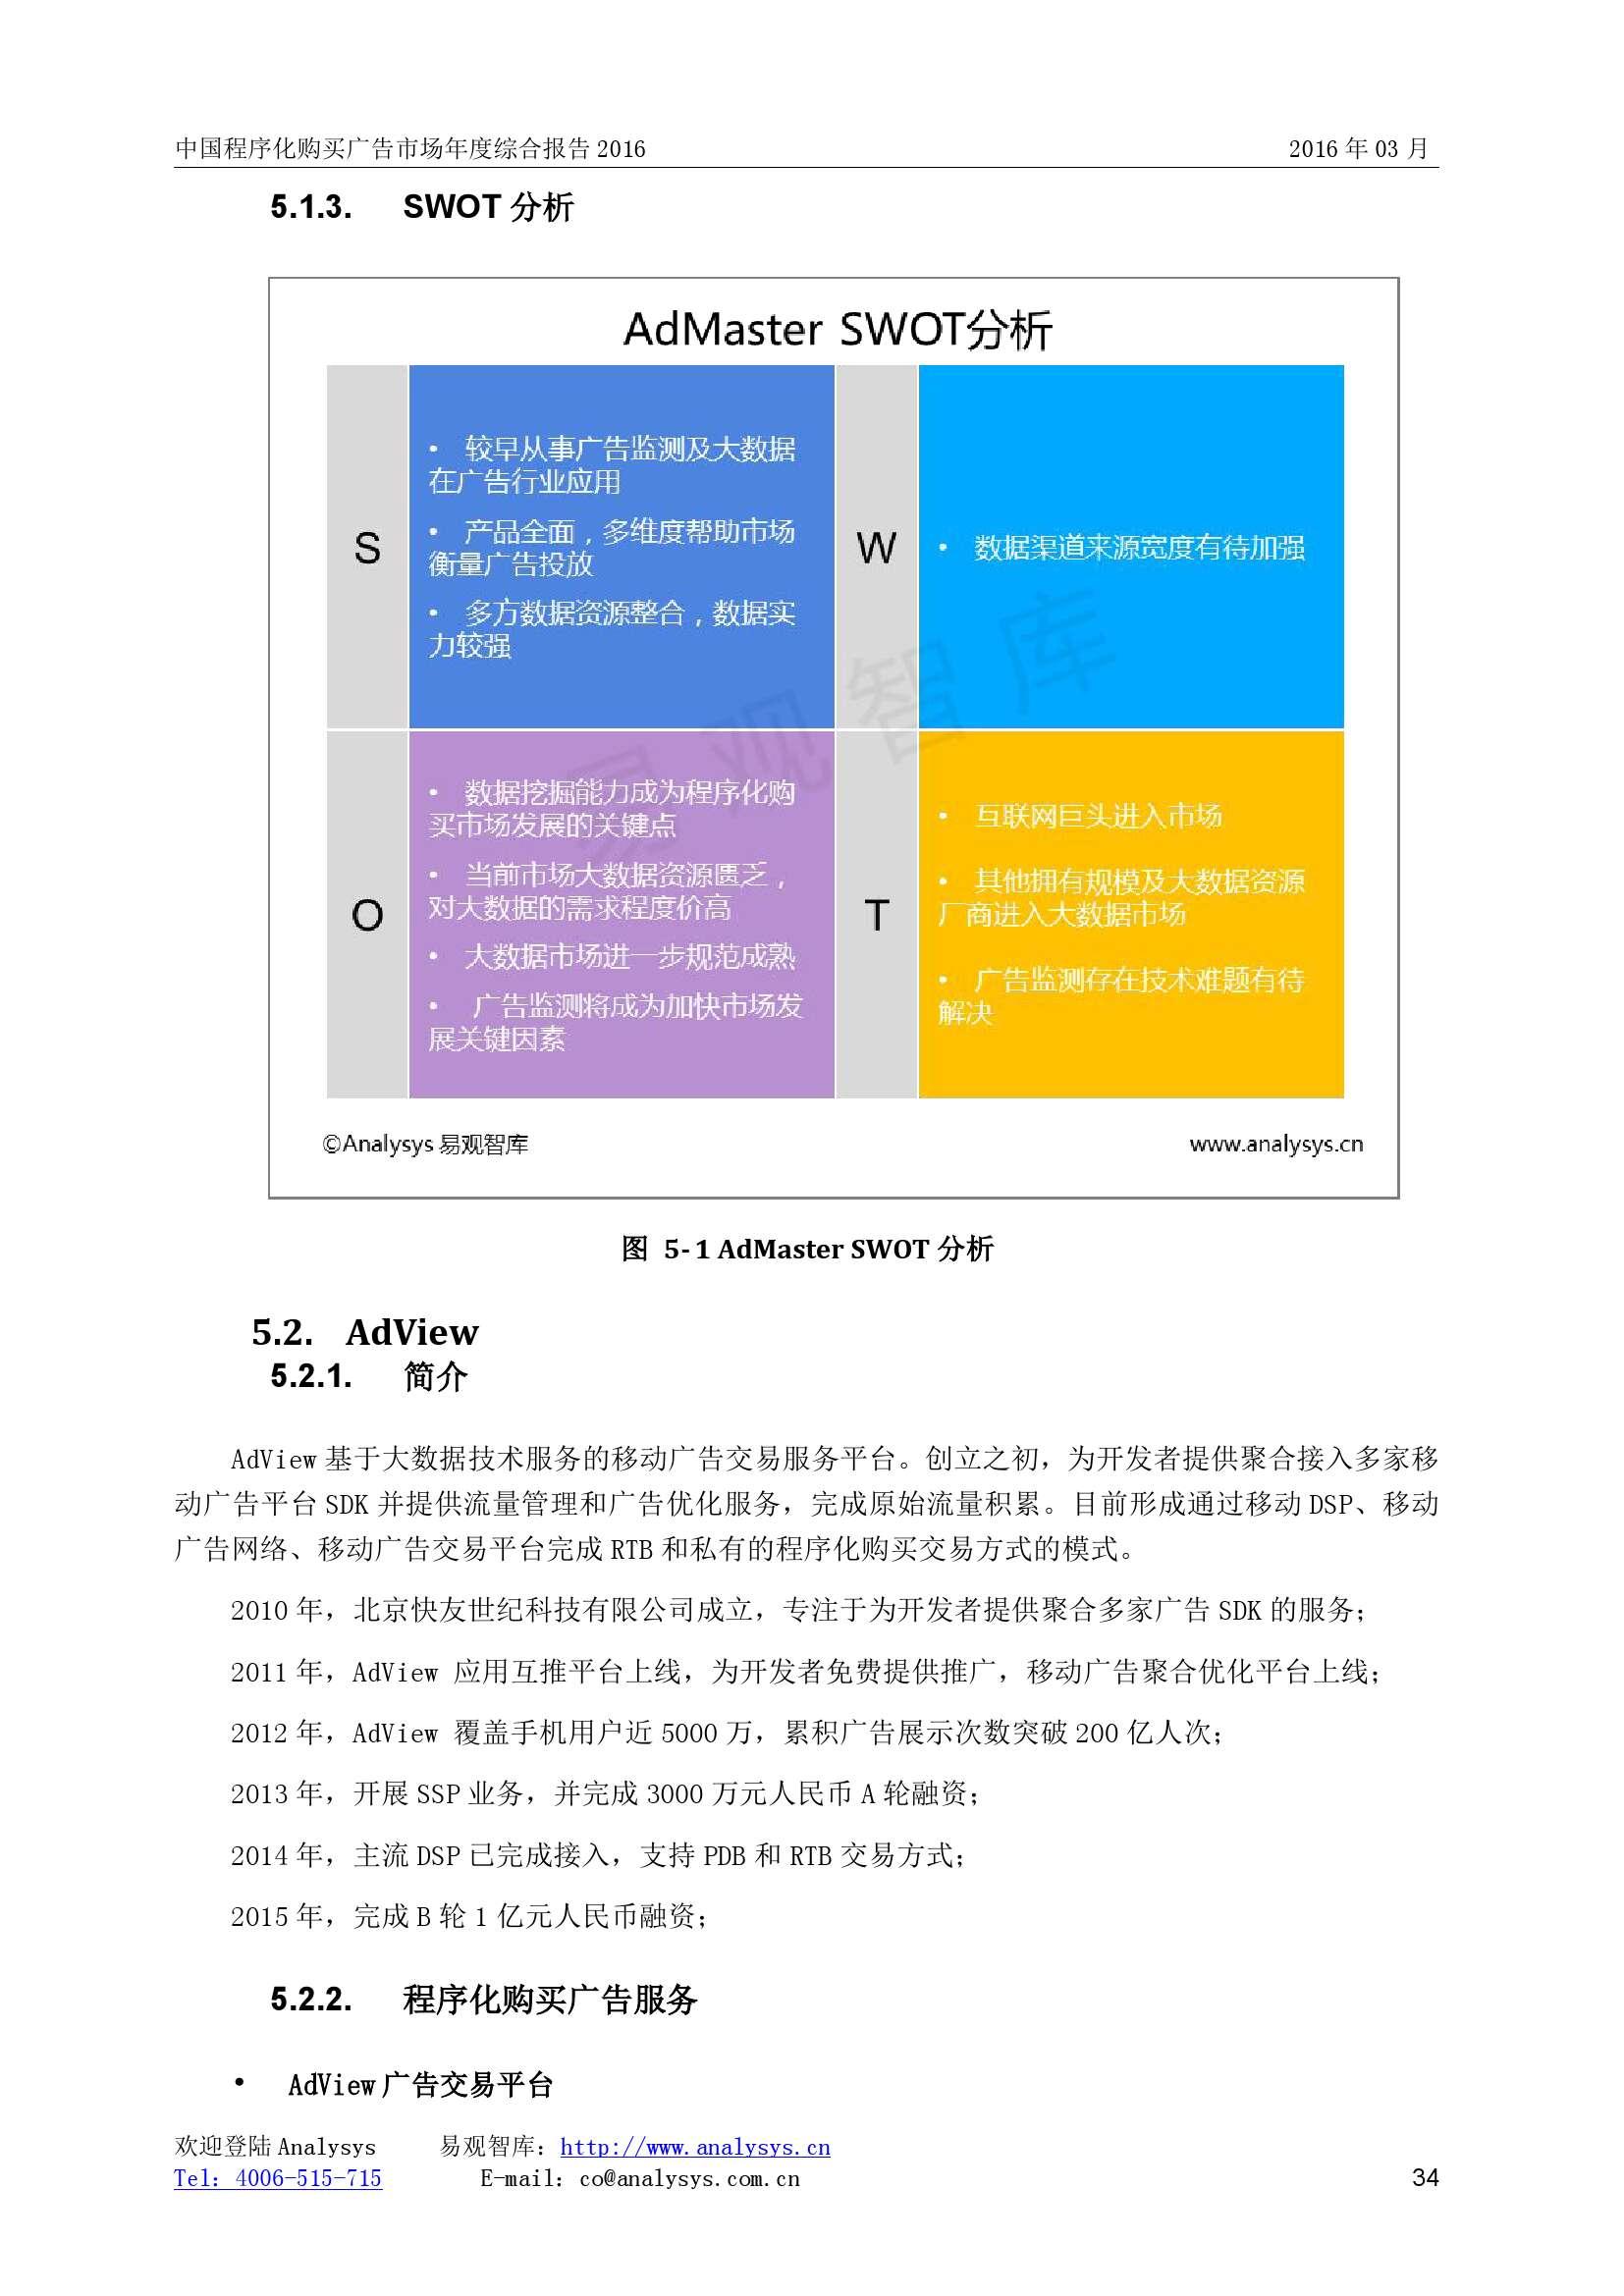 中国程序化购买广告市场年度综合报告2016_000034